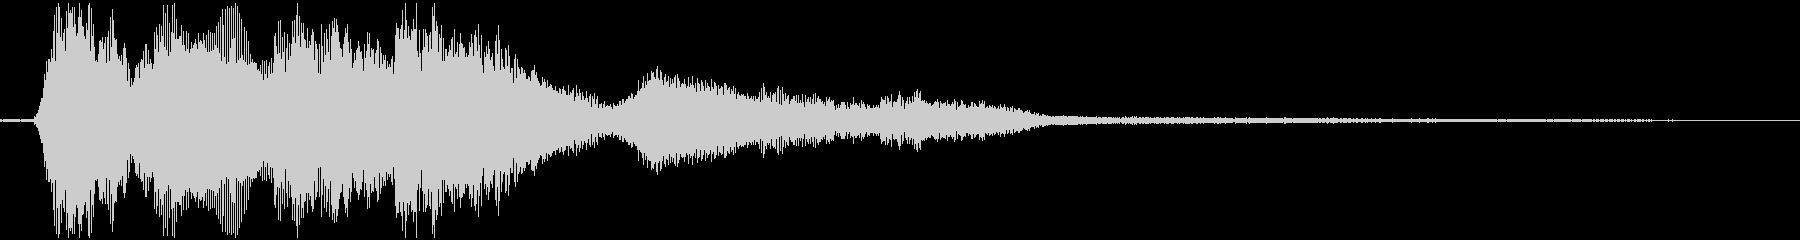 決定音(太い電子音)の未再生の波形